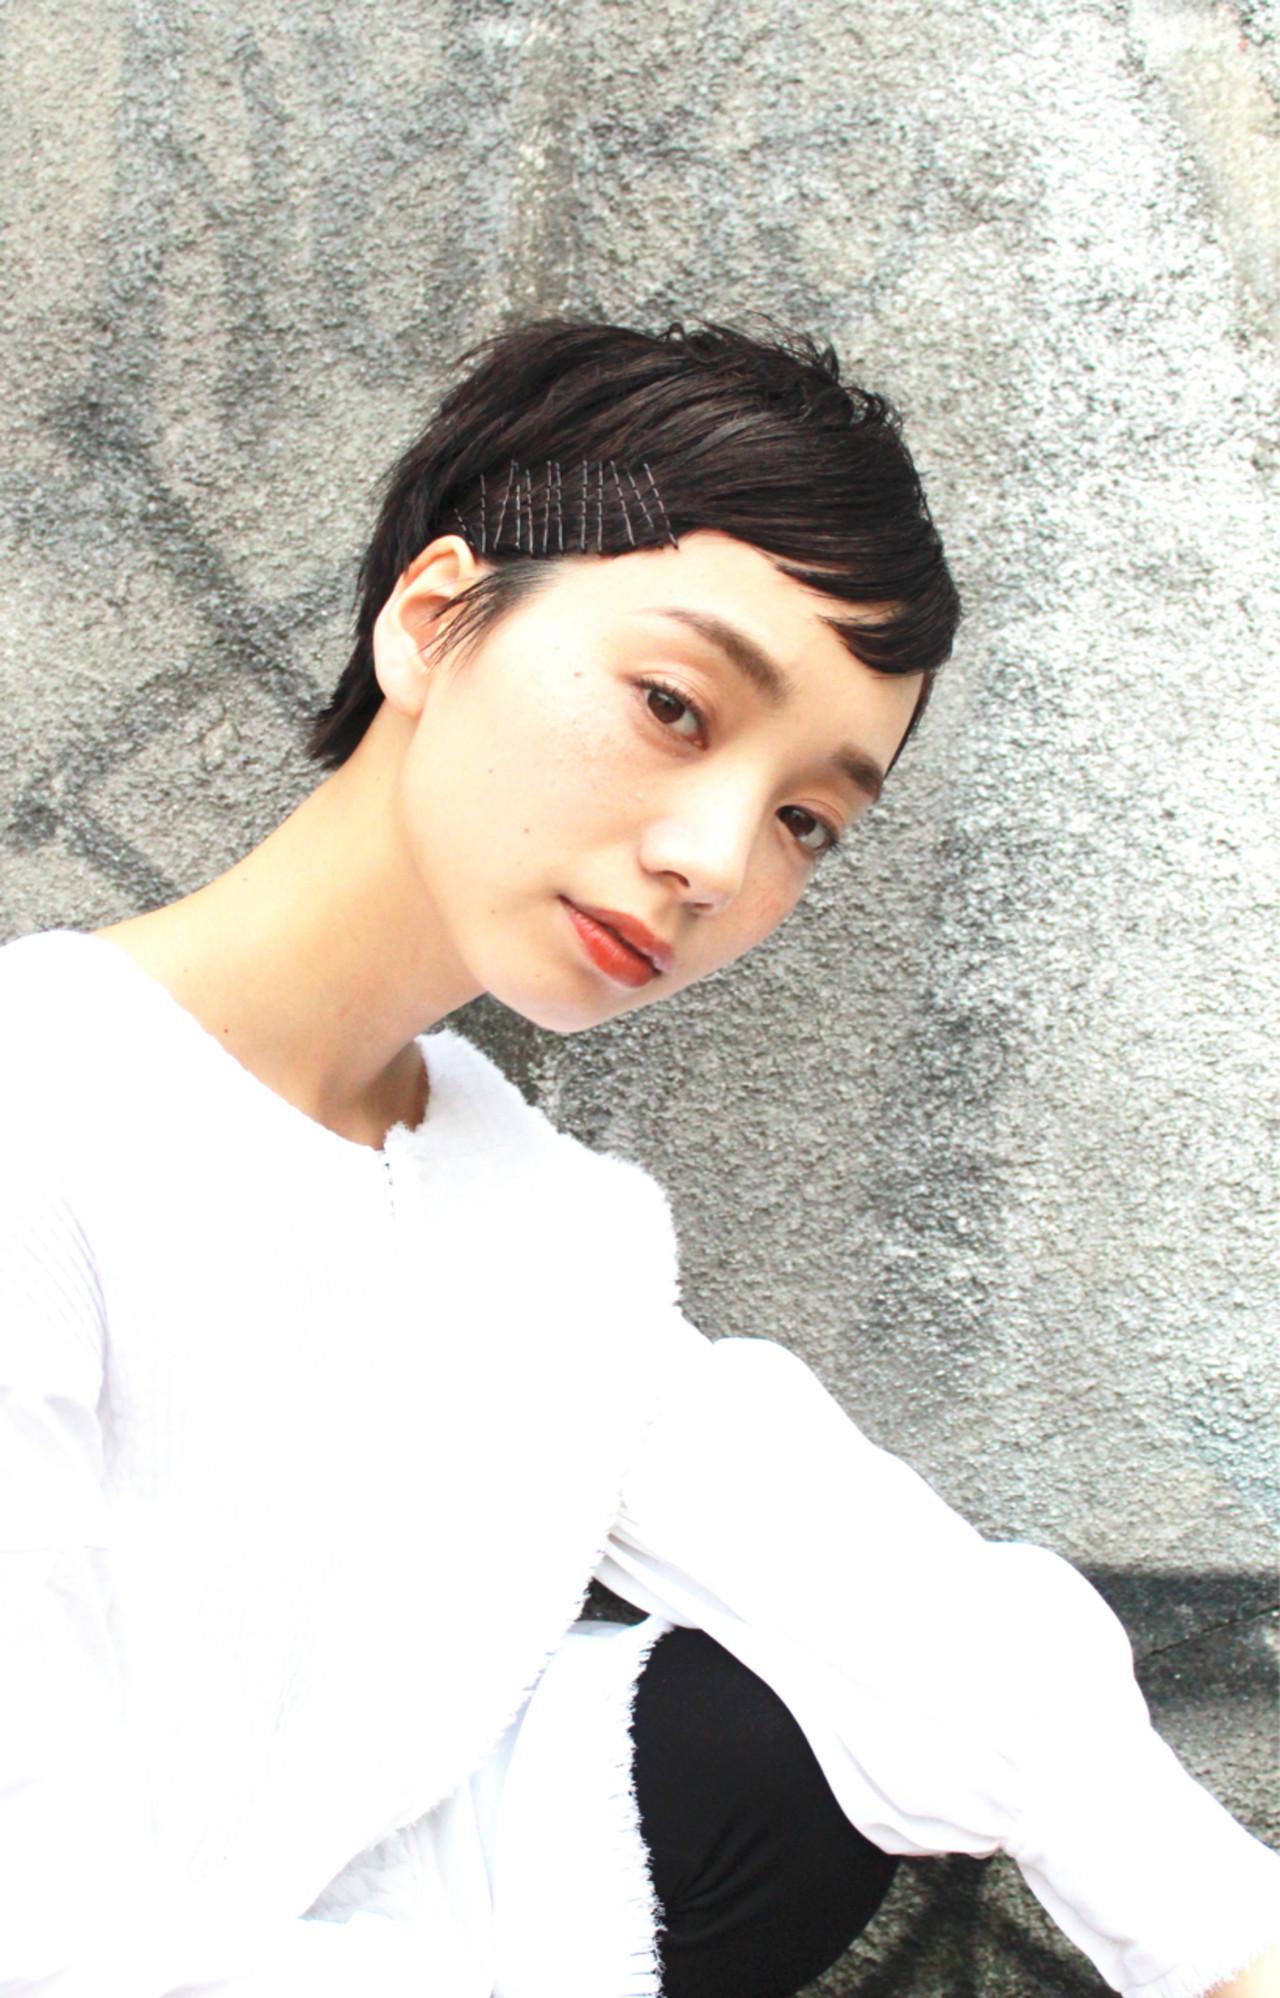 モード ショート ストリート ナチュラル ヘアスタイルや髪型の写真・画像